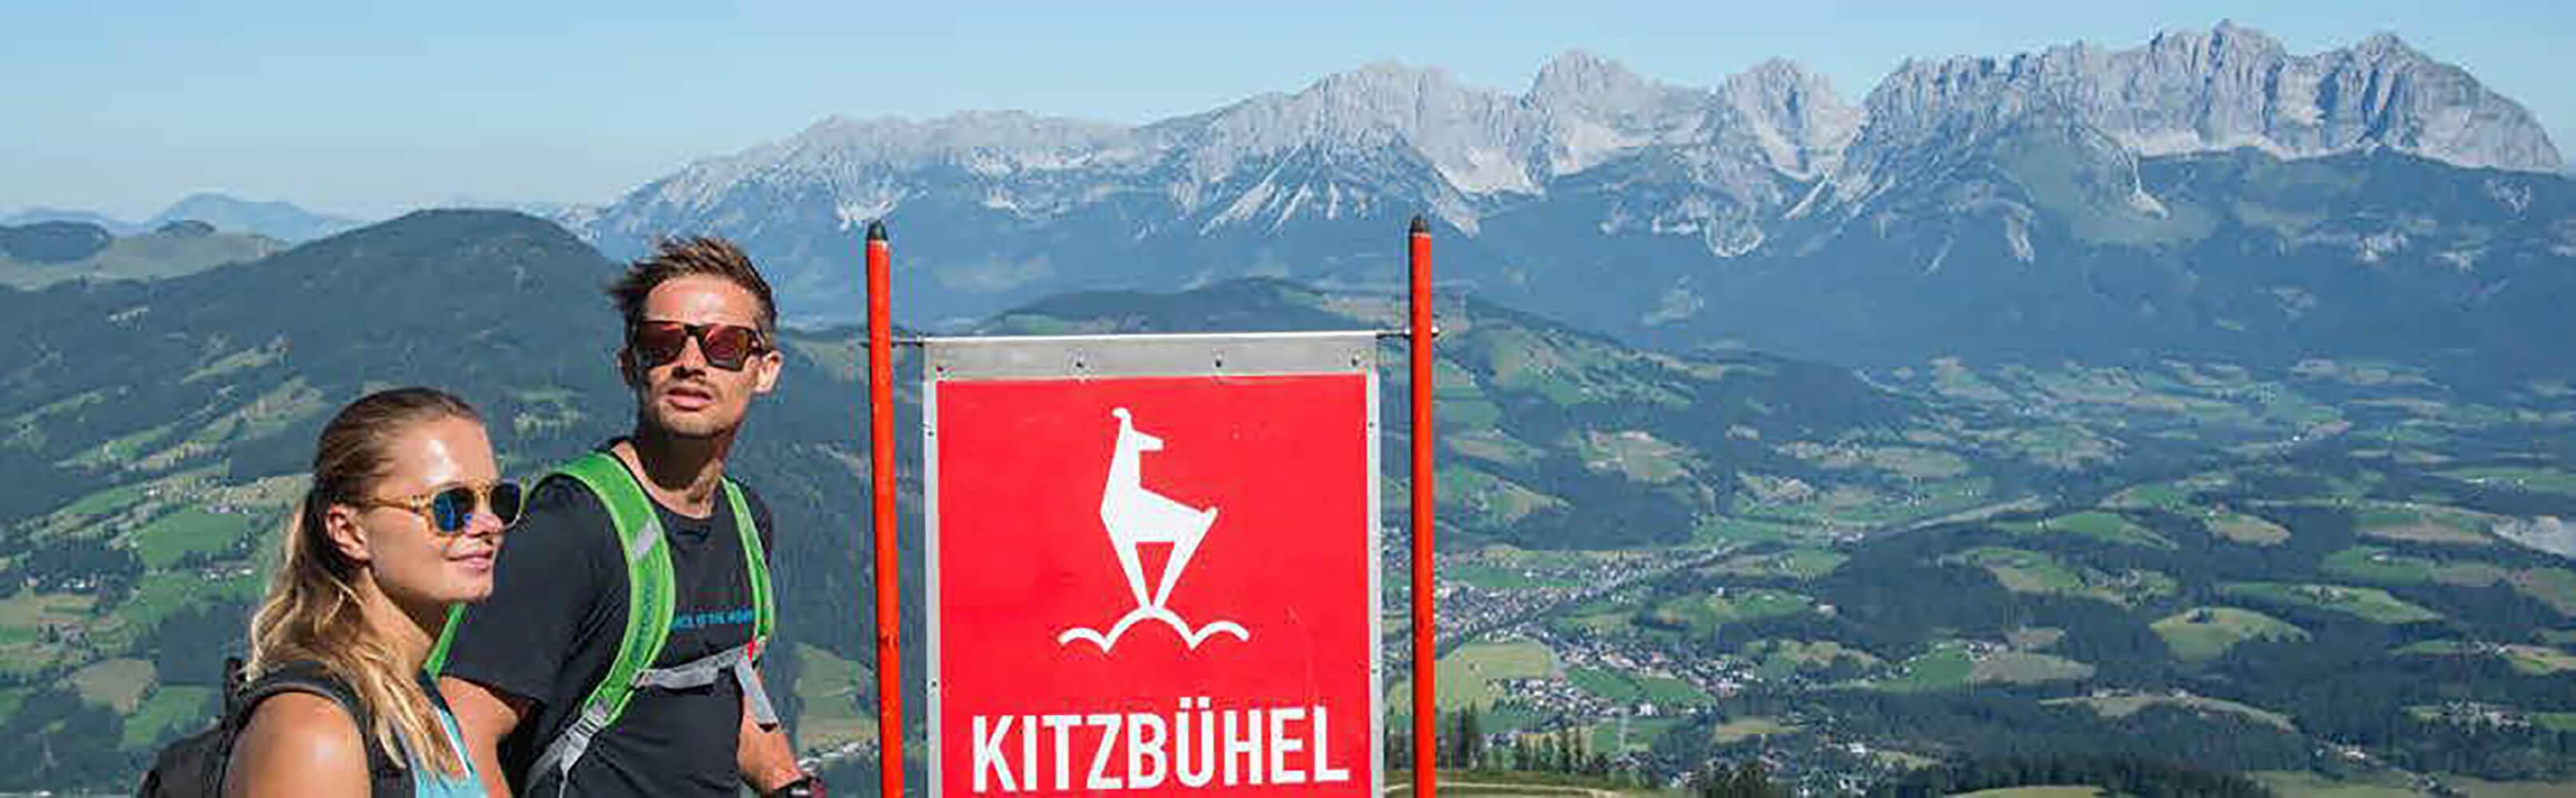 Kitzbühel - die magische Tiroler Alpenstadt 1